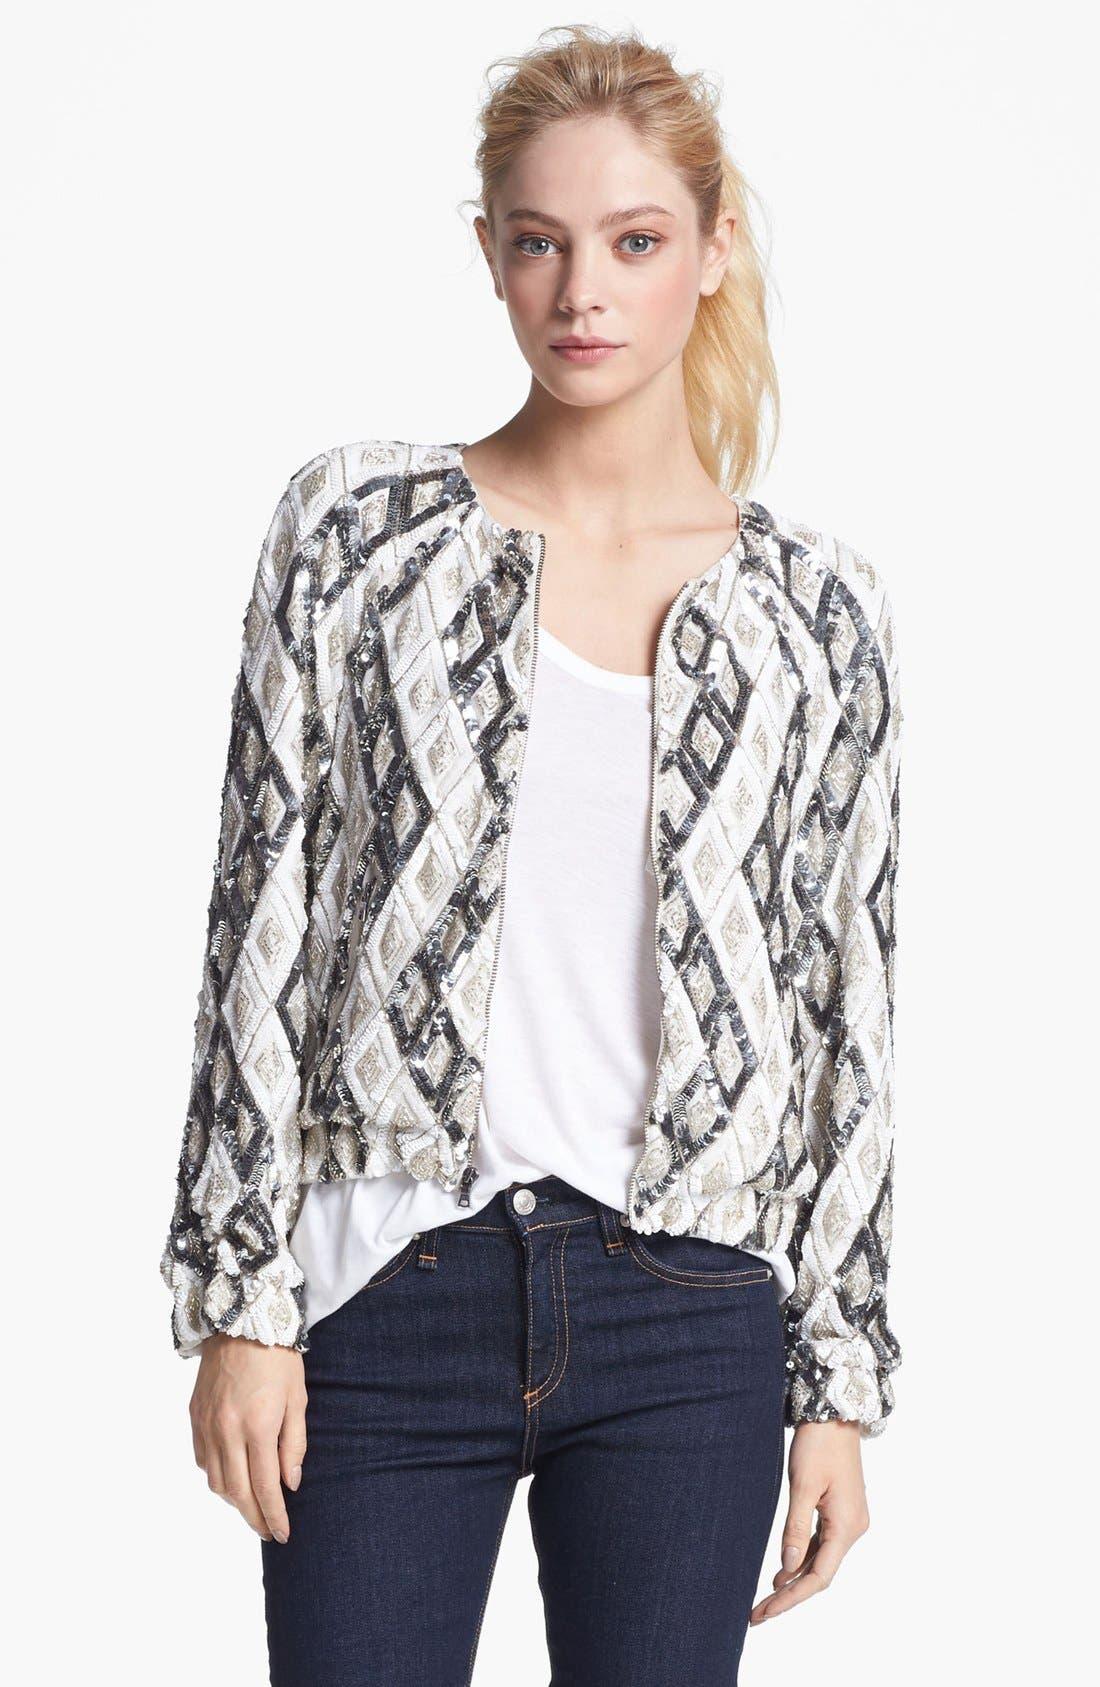 Alternate Image 1 Selected - Alice + Olivia 'Maxine' Embellished Jacket